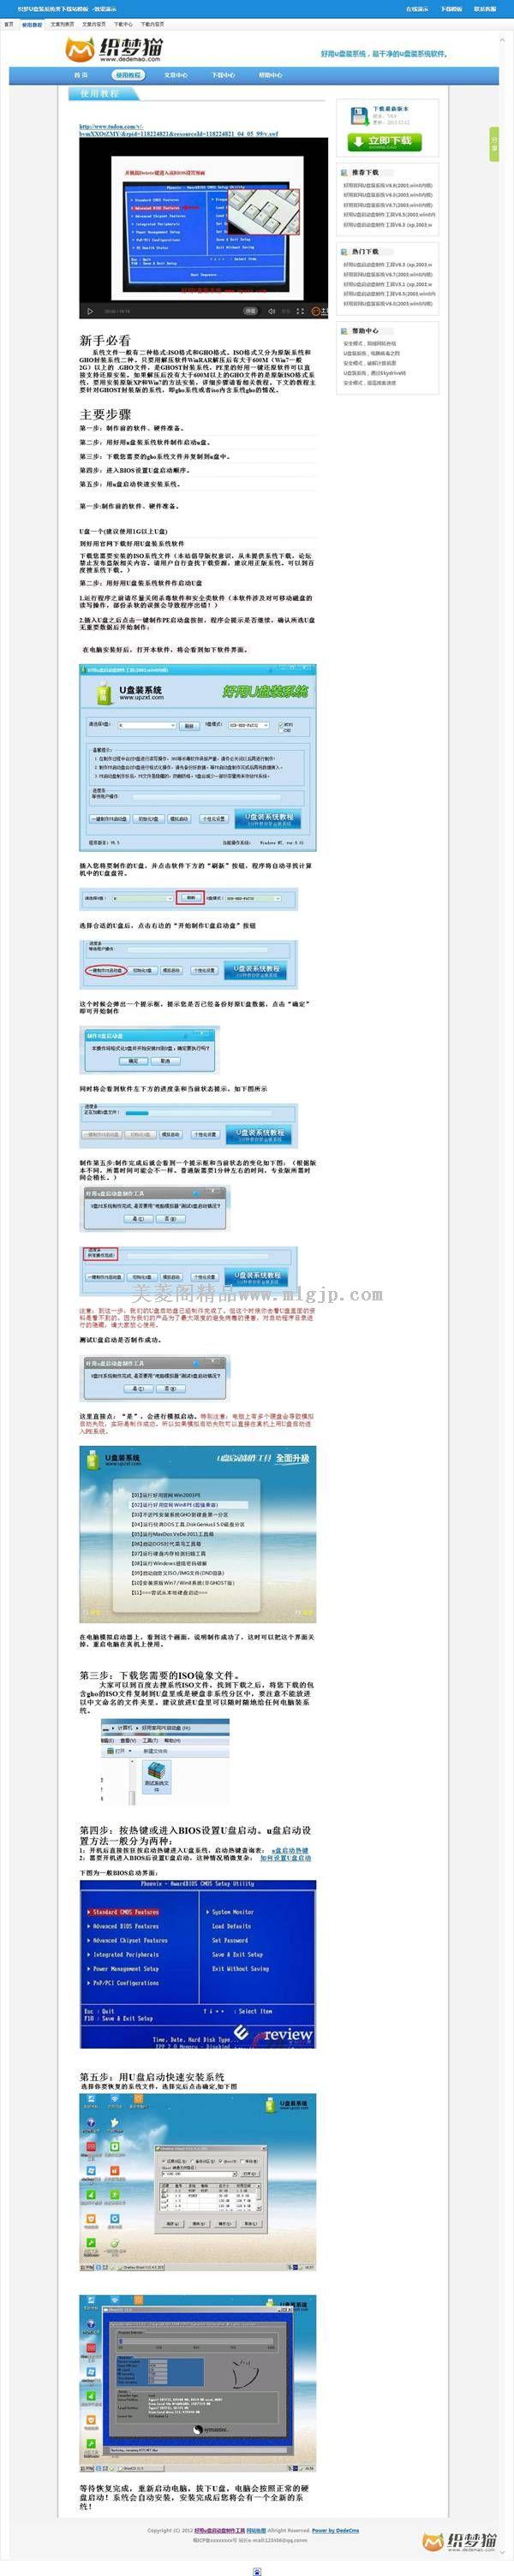 【织梦模板】U盘装系统类下载站模板